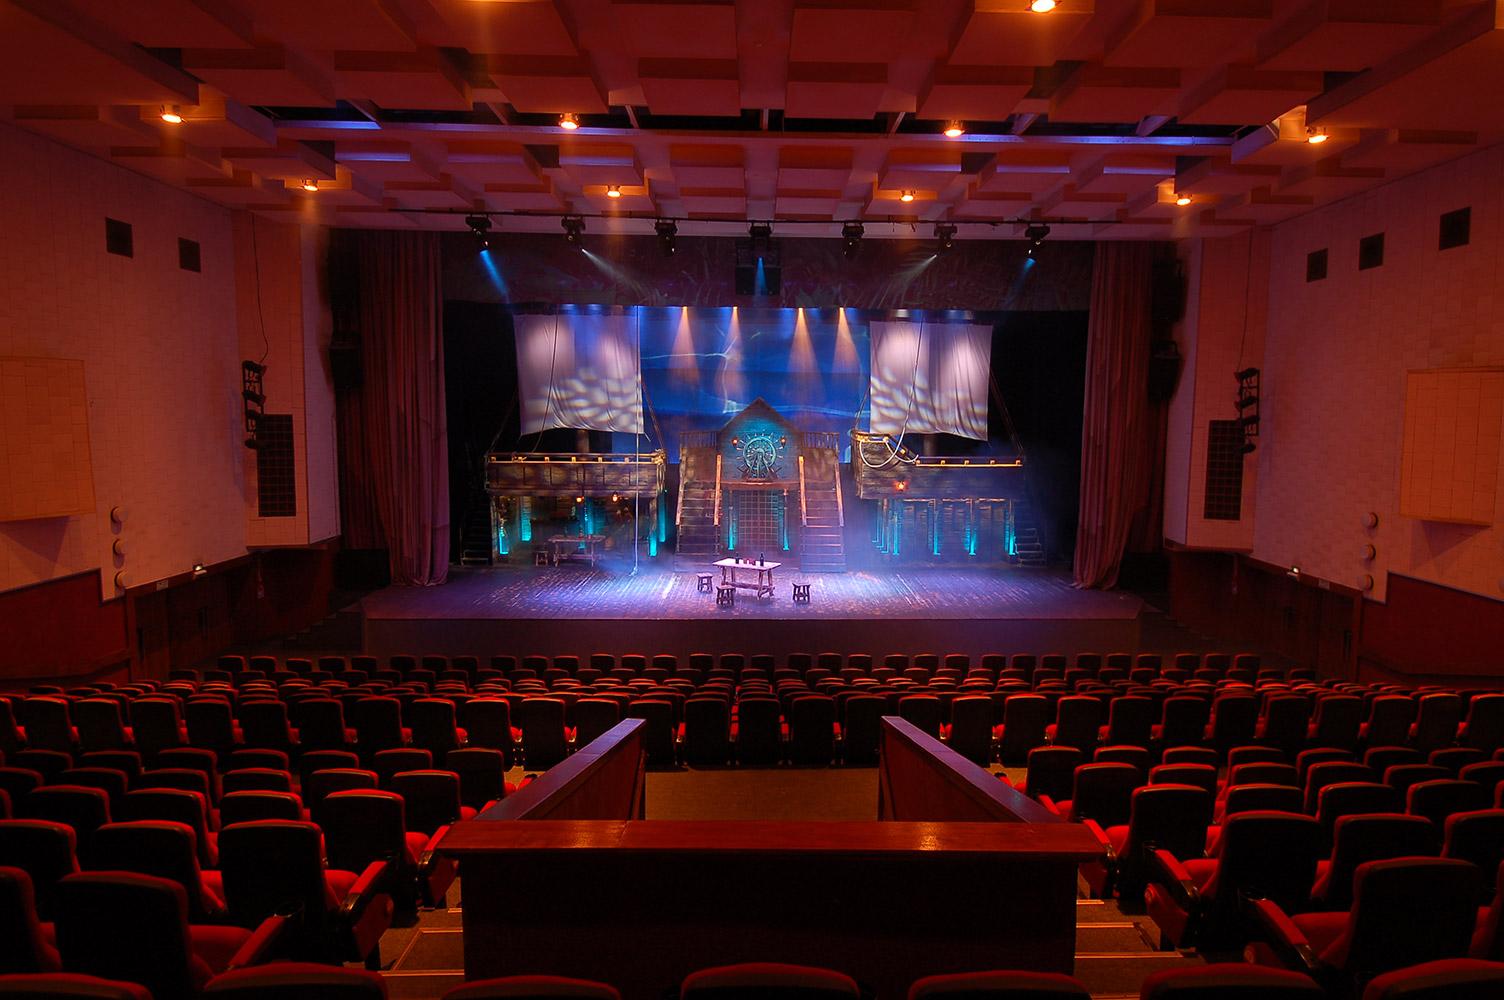 Музыкальный театр айвенго схема зала